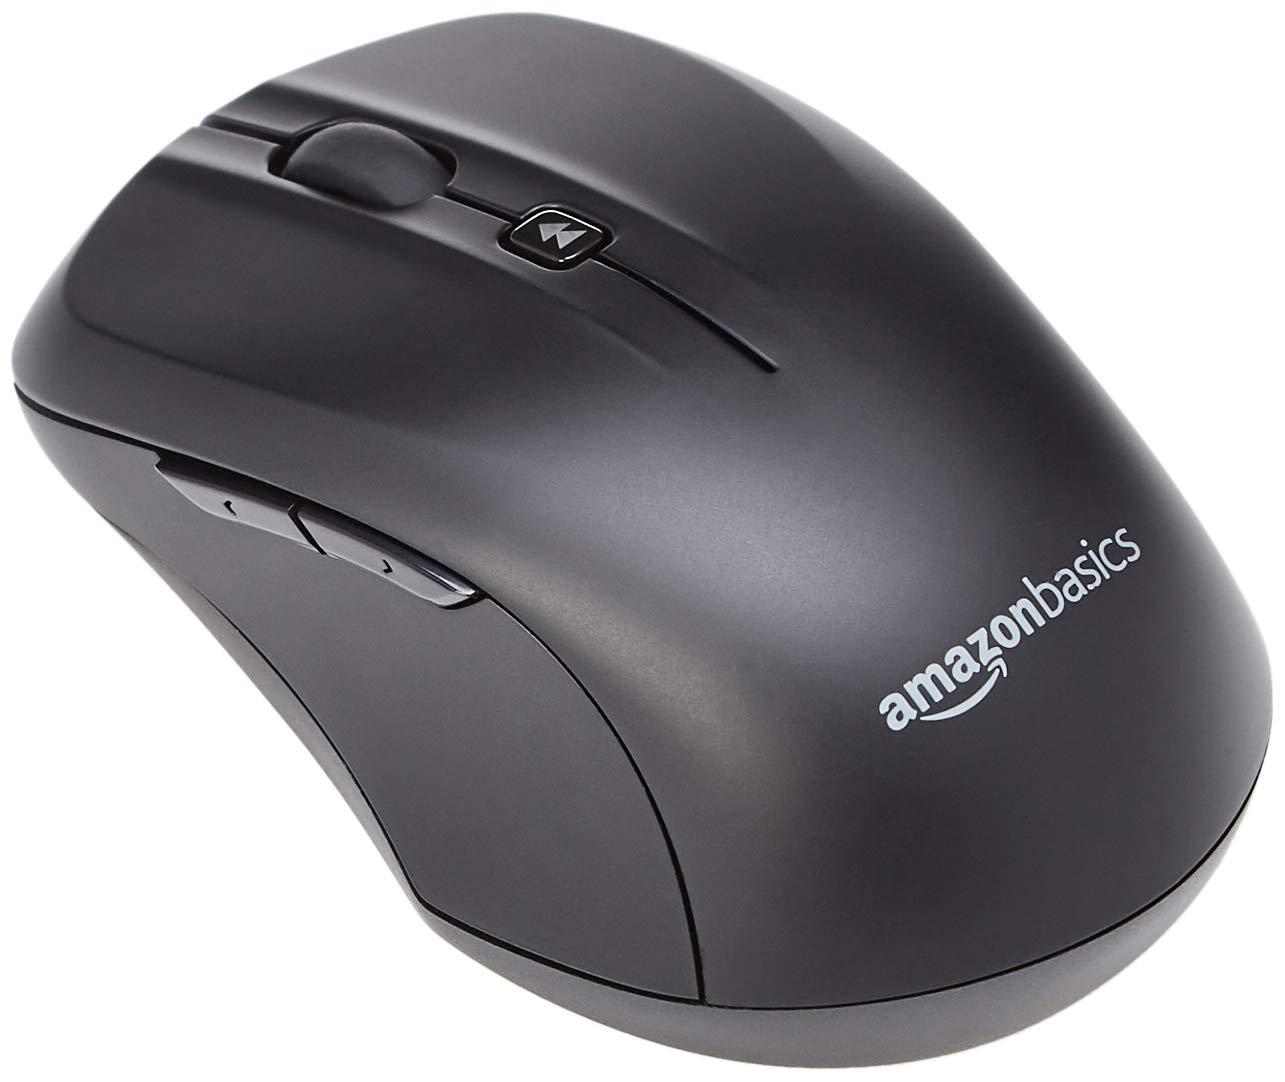 AmazonBasics - Juego de teclado y ratón inalámbricos, tamaño completo, versión ES (QWERTY): Amazon.es: Informática